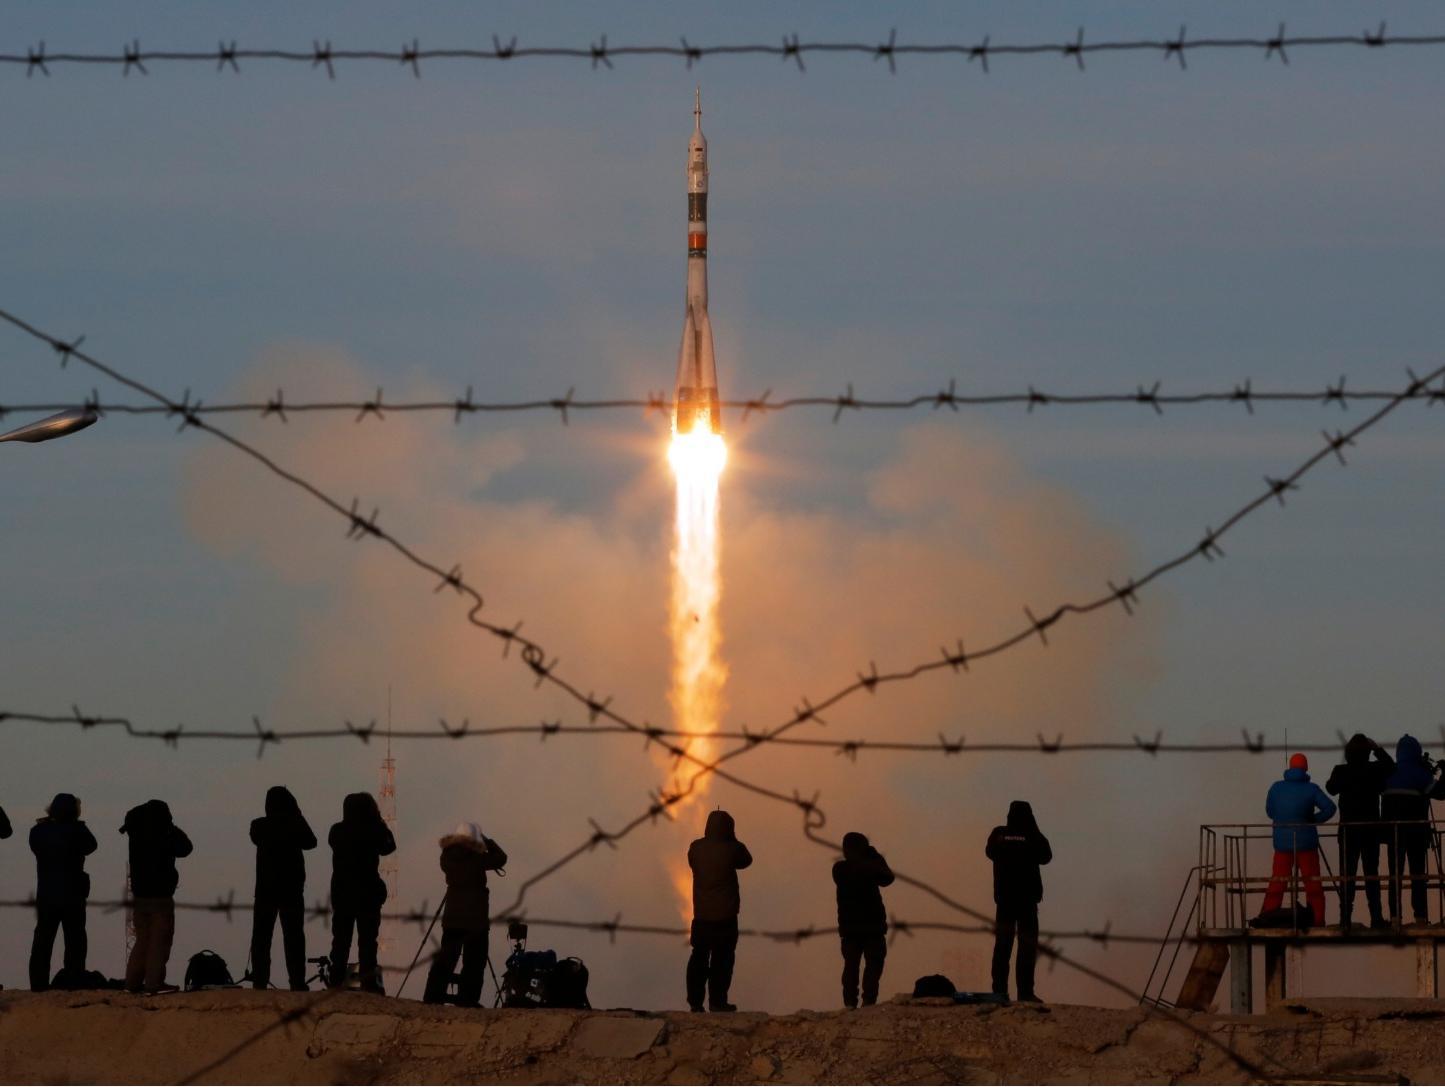 הפעם הכול עבר חלק: 3 אסטרונאוטים שוגרו לתחנת החלל הבינ